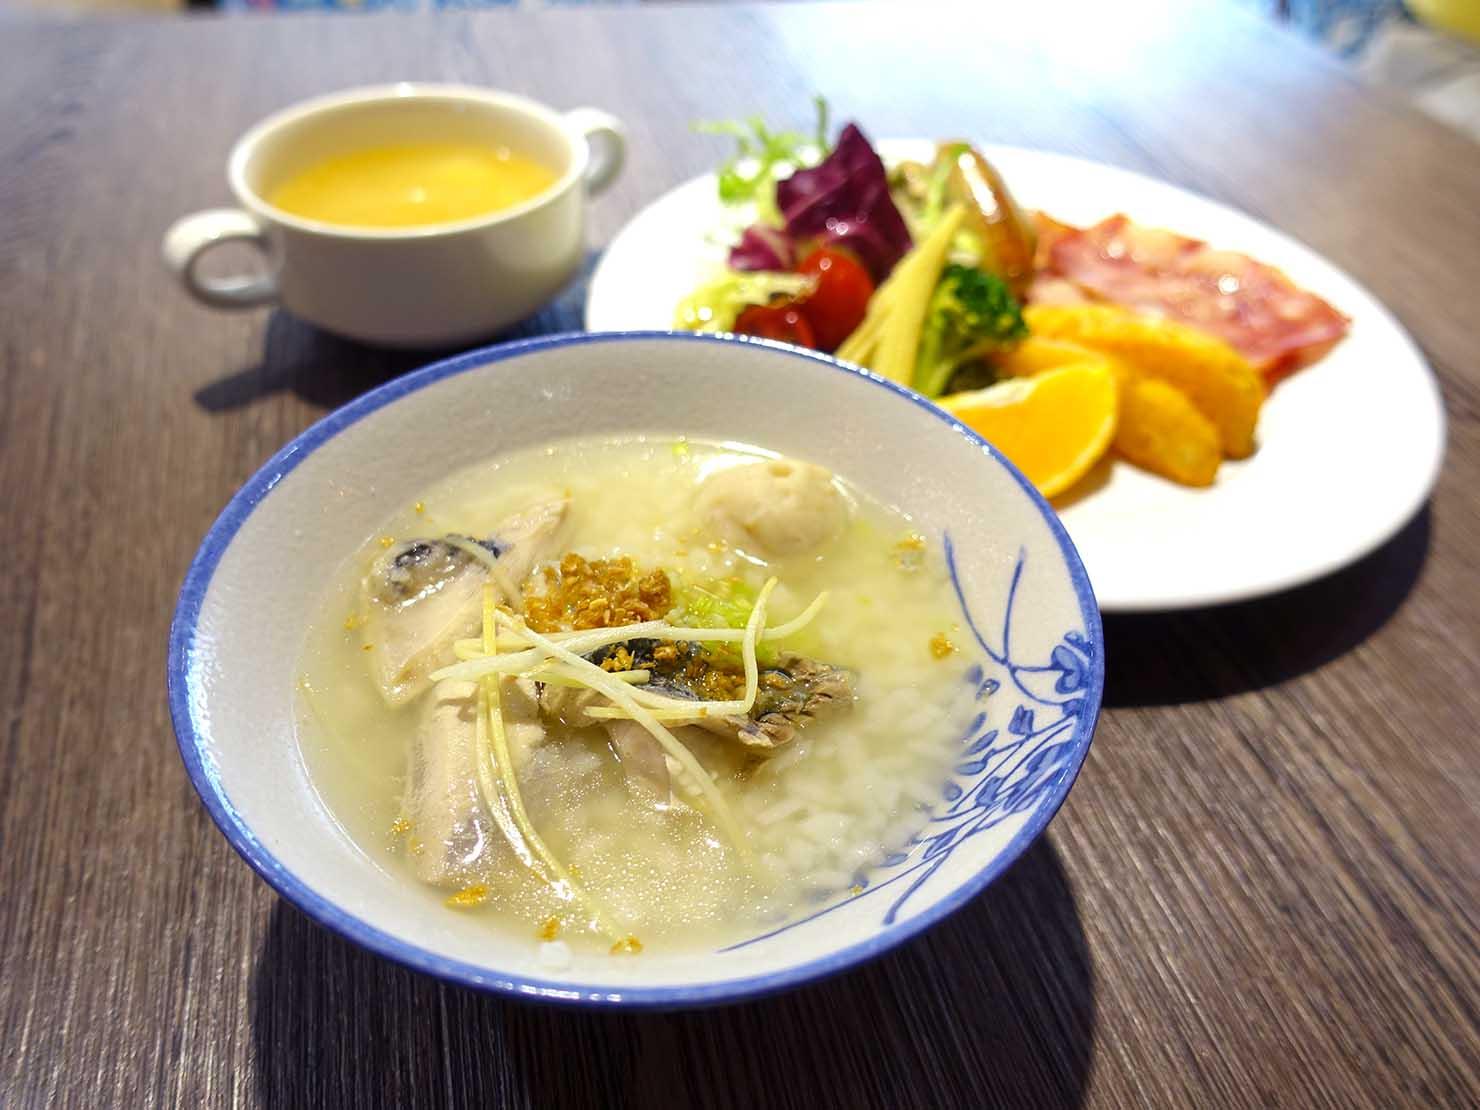 台南市内観光におすすめのホテル「長悅旅棧」朝食ビュッフェ+虱目魚粥(サバヒー粥)